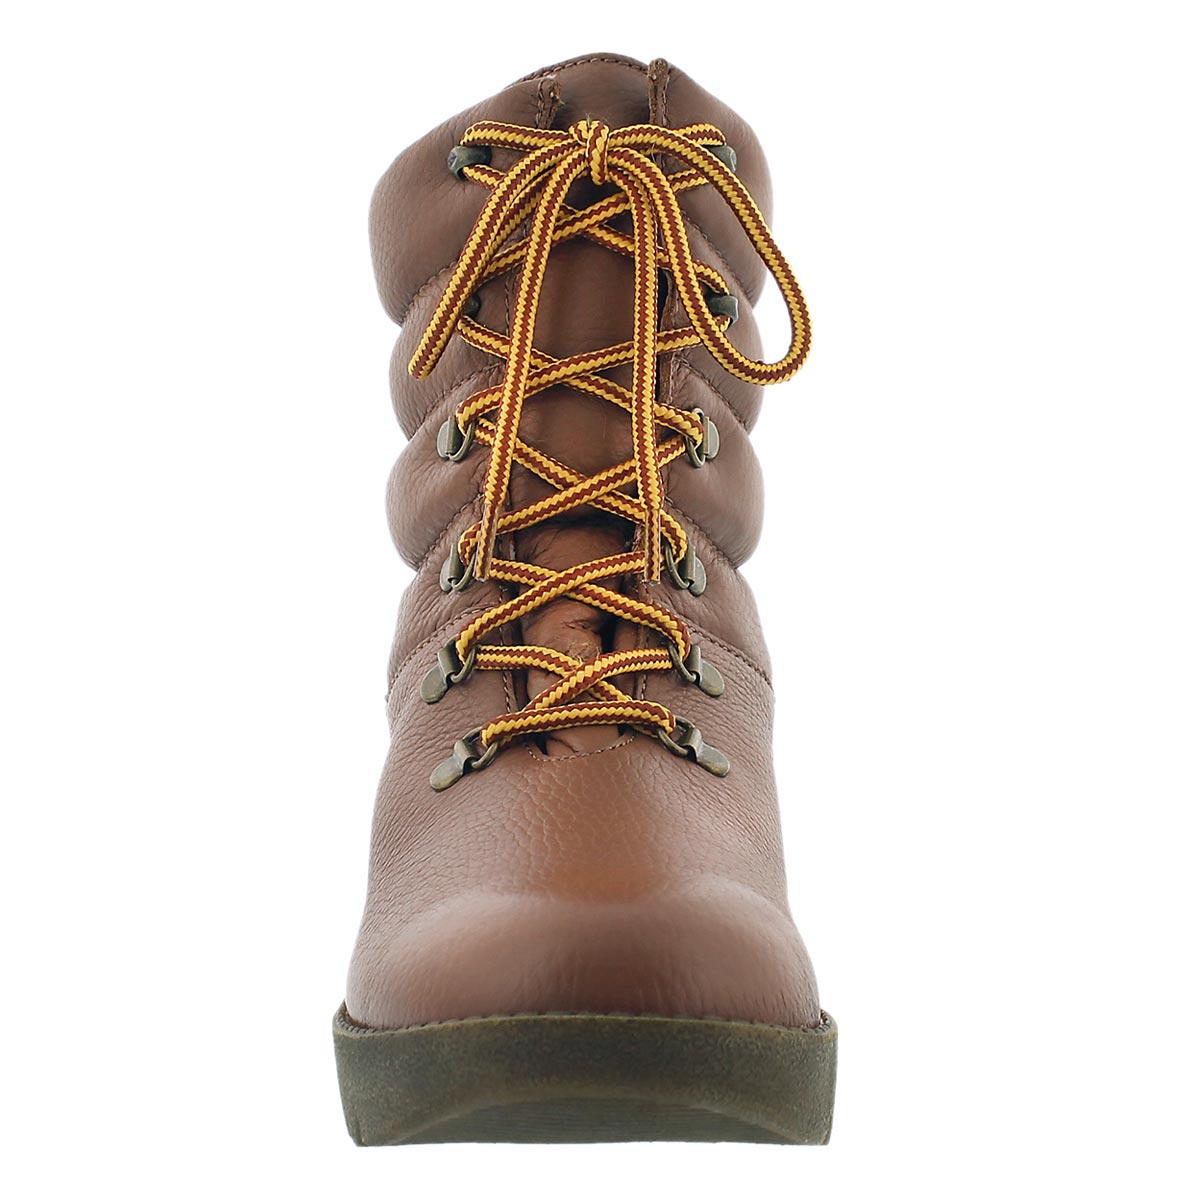 Lds 39068 Original rst wtrpf winter boot